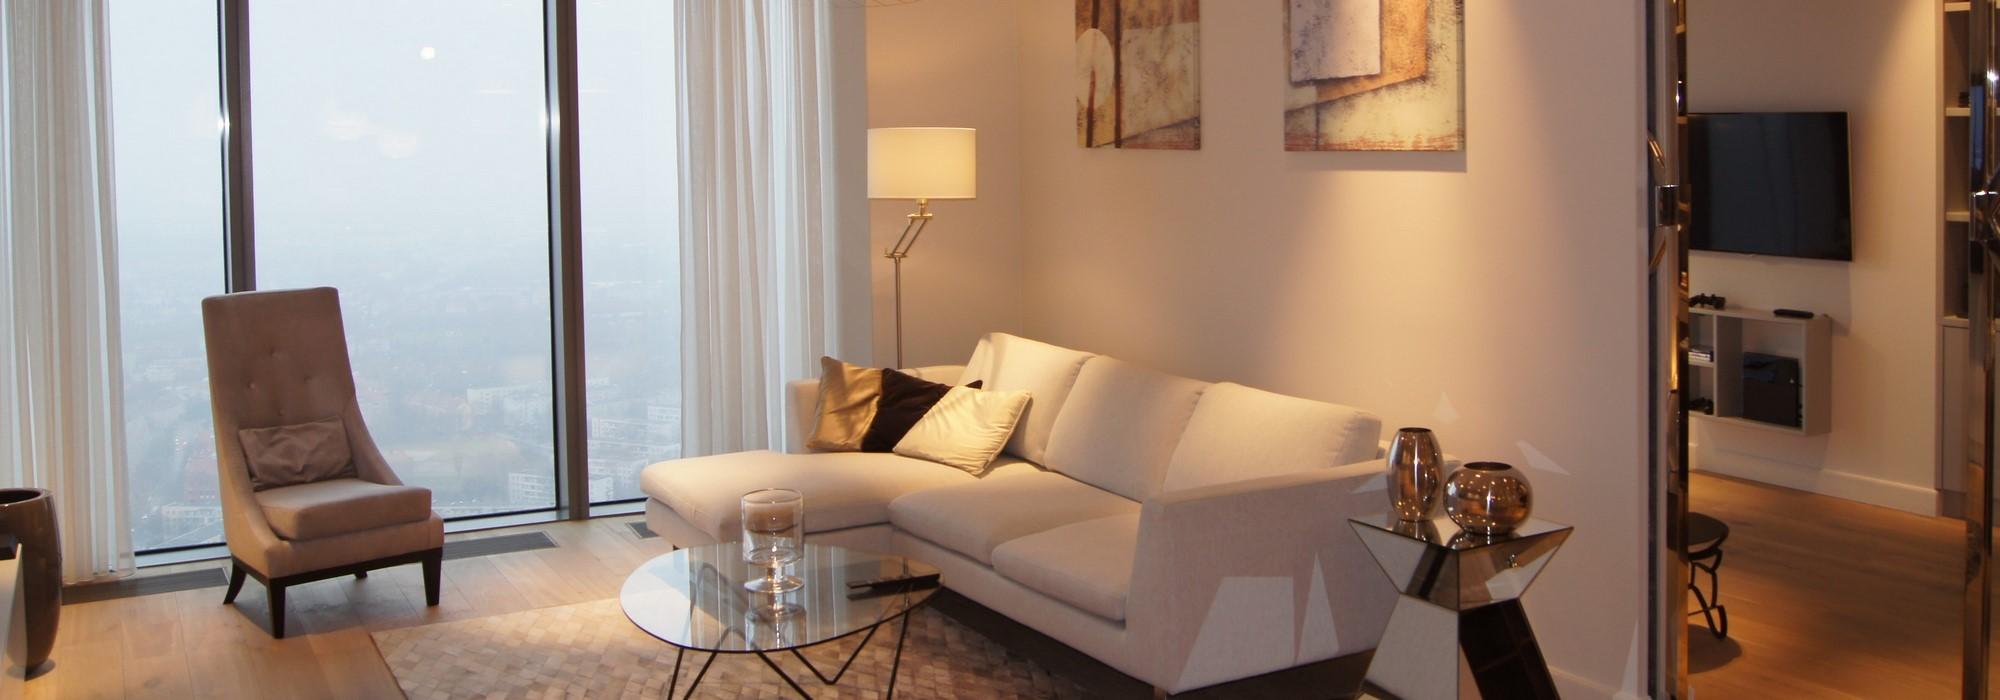 Luksusowy apartament w Sky Tower